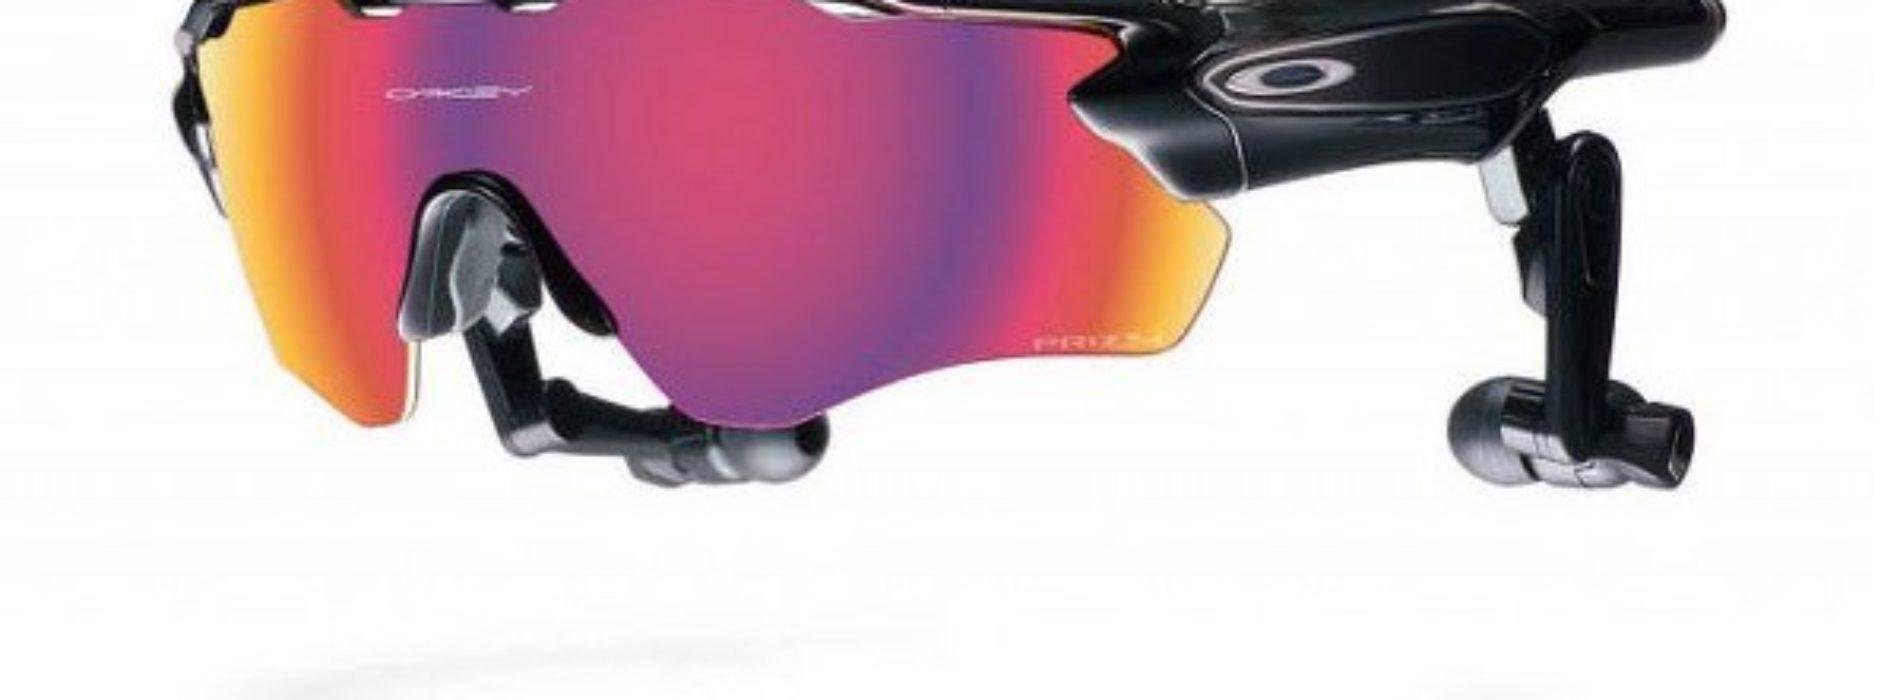 Oakley Radar Pace, gafas inteligentes para deportistas